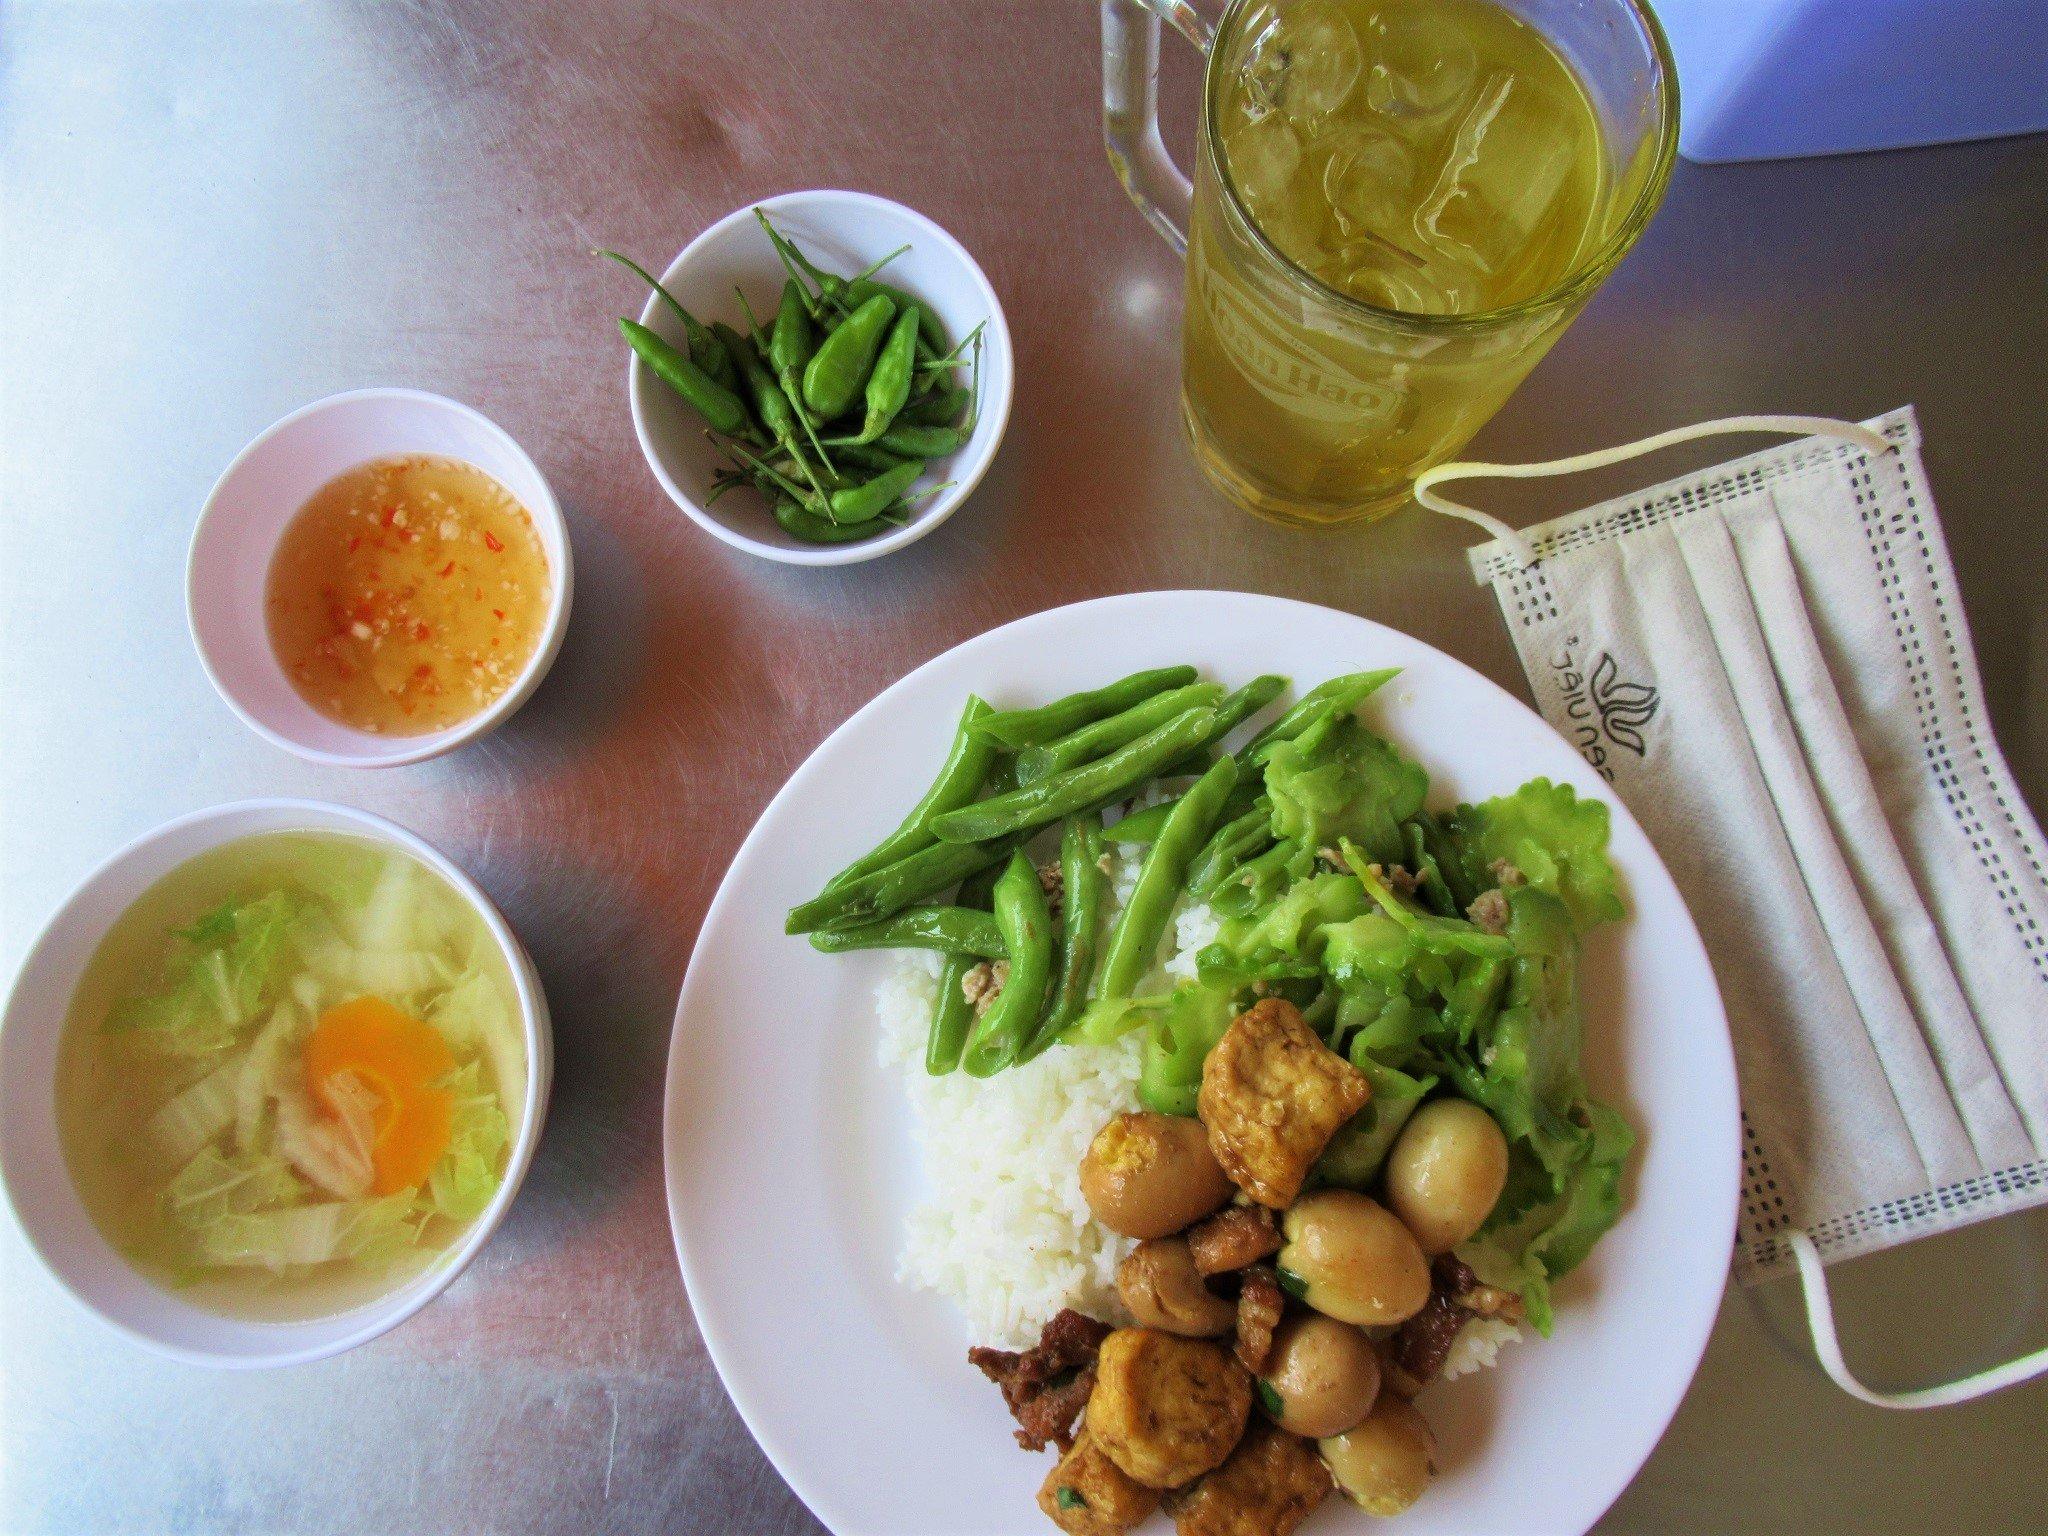 Cơm bình dân, common rice lunch, Vietnam